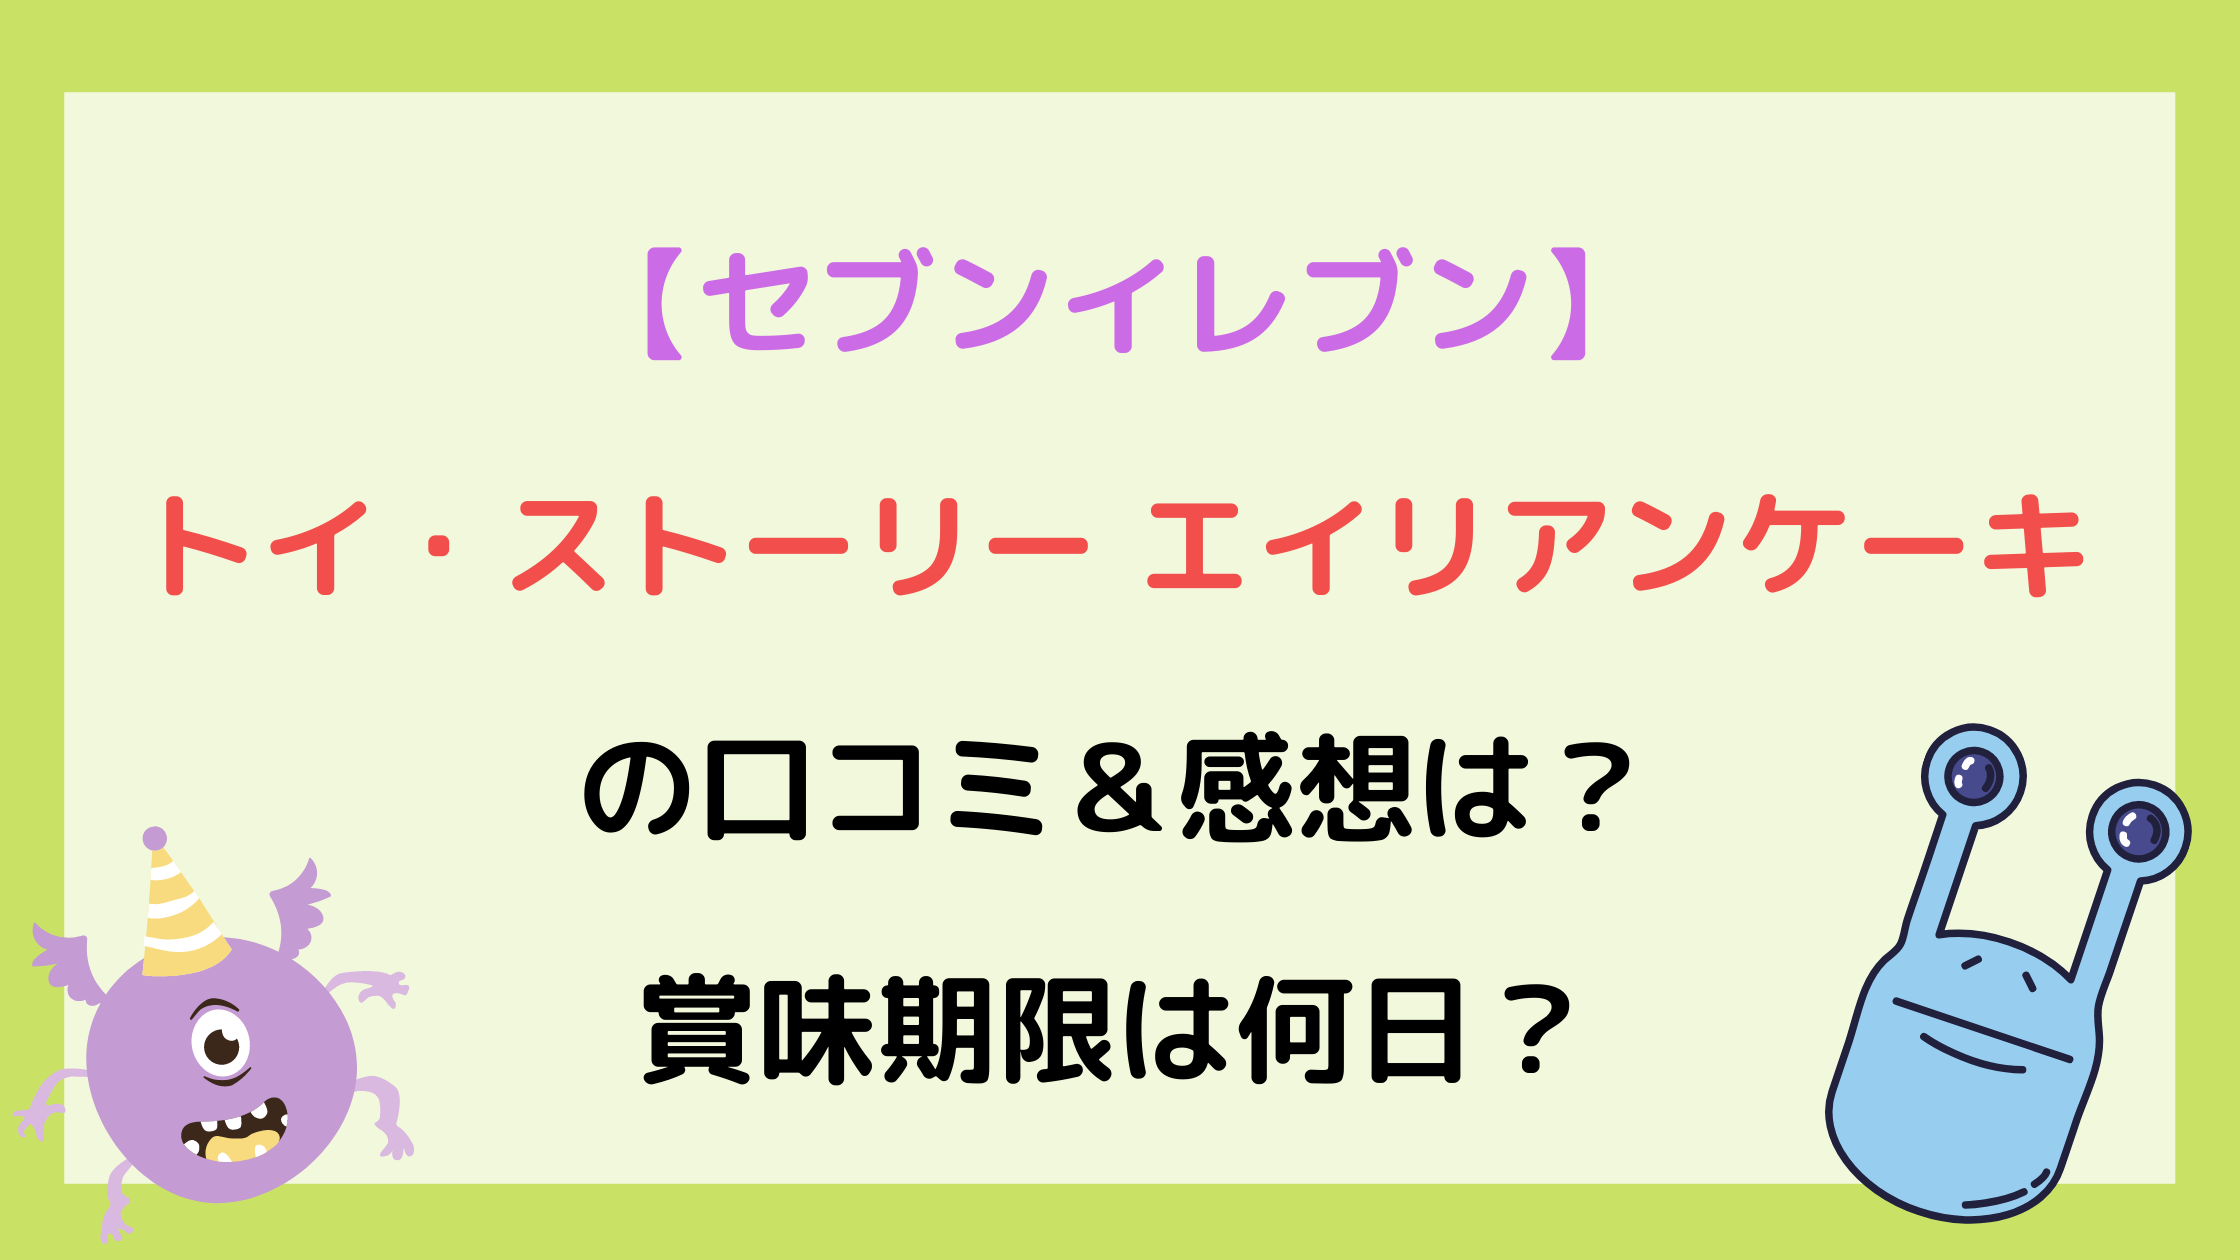 【セブン】エイリアンケーキの口コミ&感想は?賞味期限は何日?